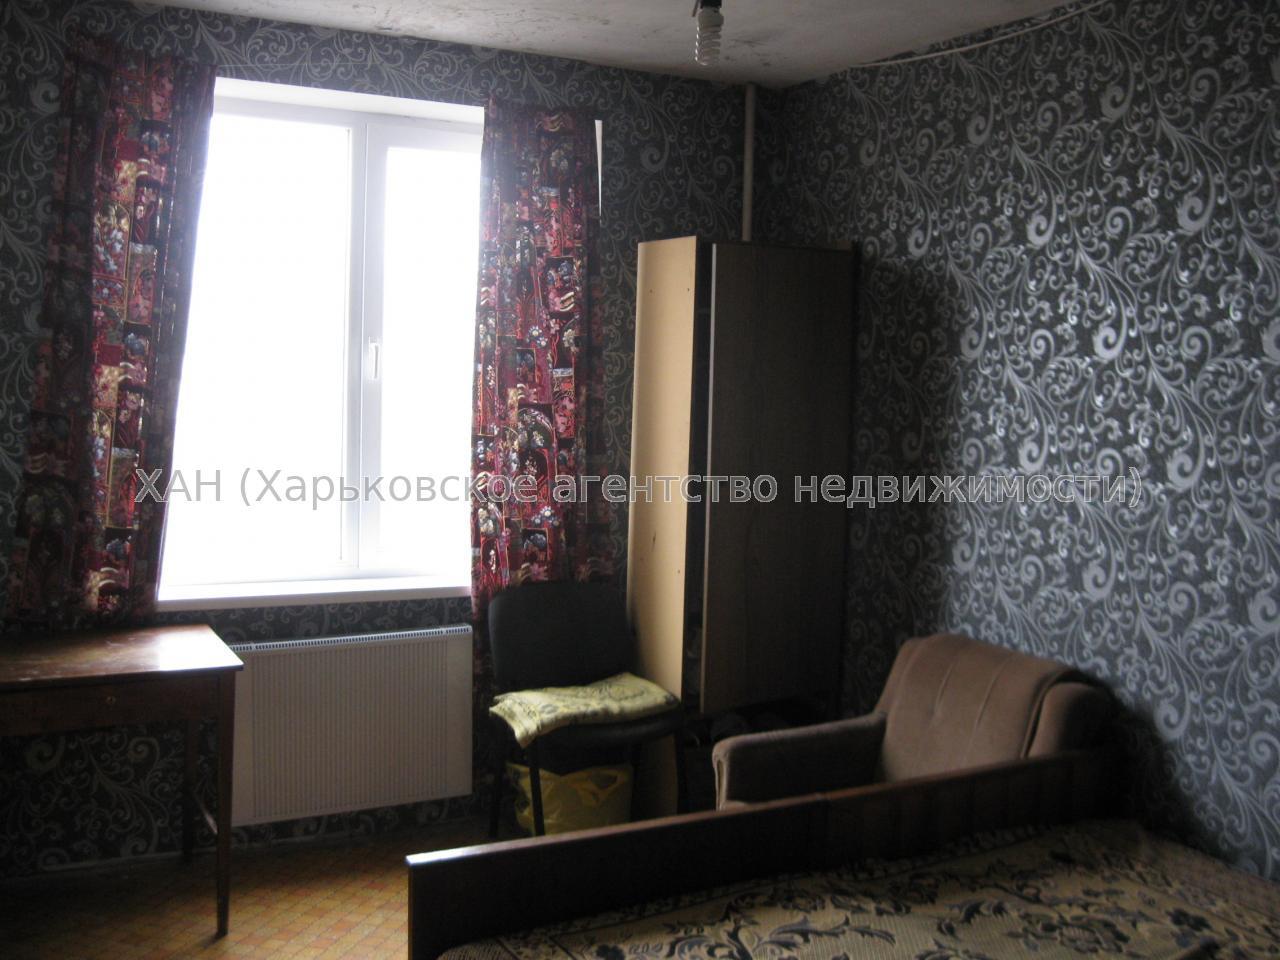 Фото 3 - Продам квартиру Харьков, Победы просп.